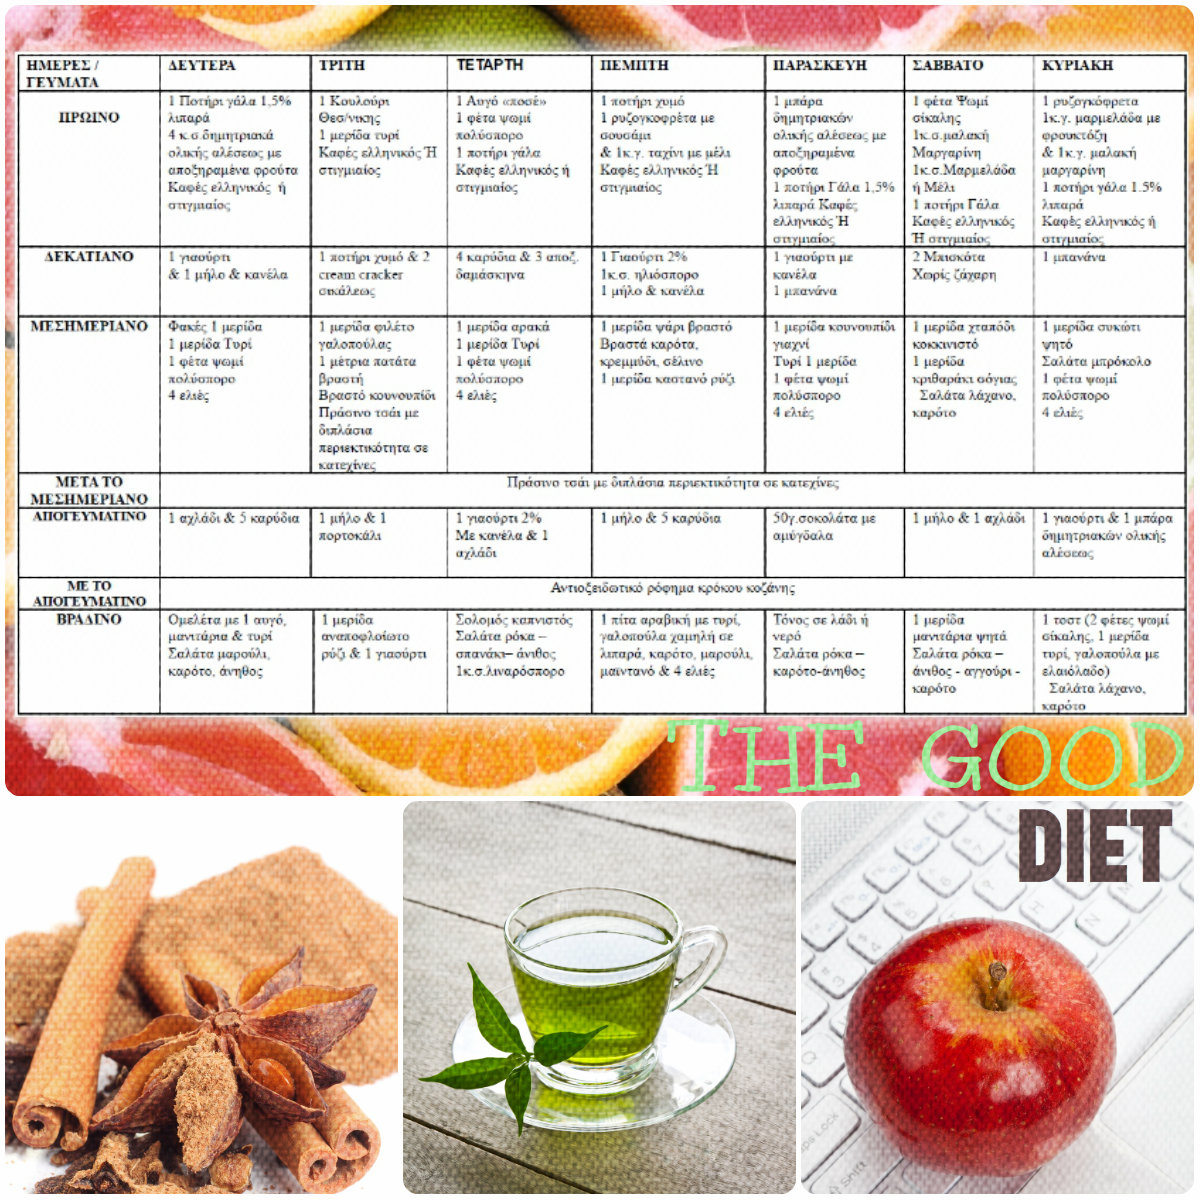 ΟΔΗΓΙΕΣ ΓΙΑ ΝΑ ΠΙΑΣΕΙ ΤΟΠΟ Η ΔΙΑΙΤΑ Το διατροφολόγιό σου είναι απόλυτα  ισορροπημένο σε αναλογία θρεπτικών συστατικών και καλύπτει επαρκώς τις  διατροφικές ... 7ebe6f5a655